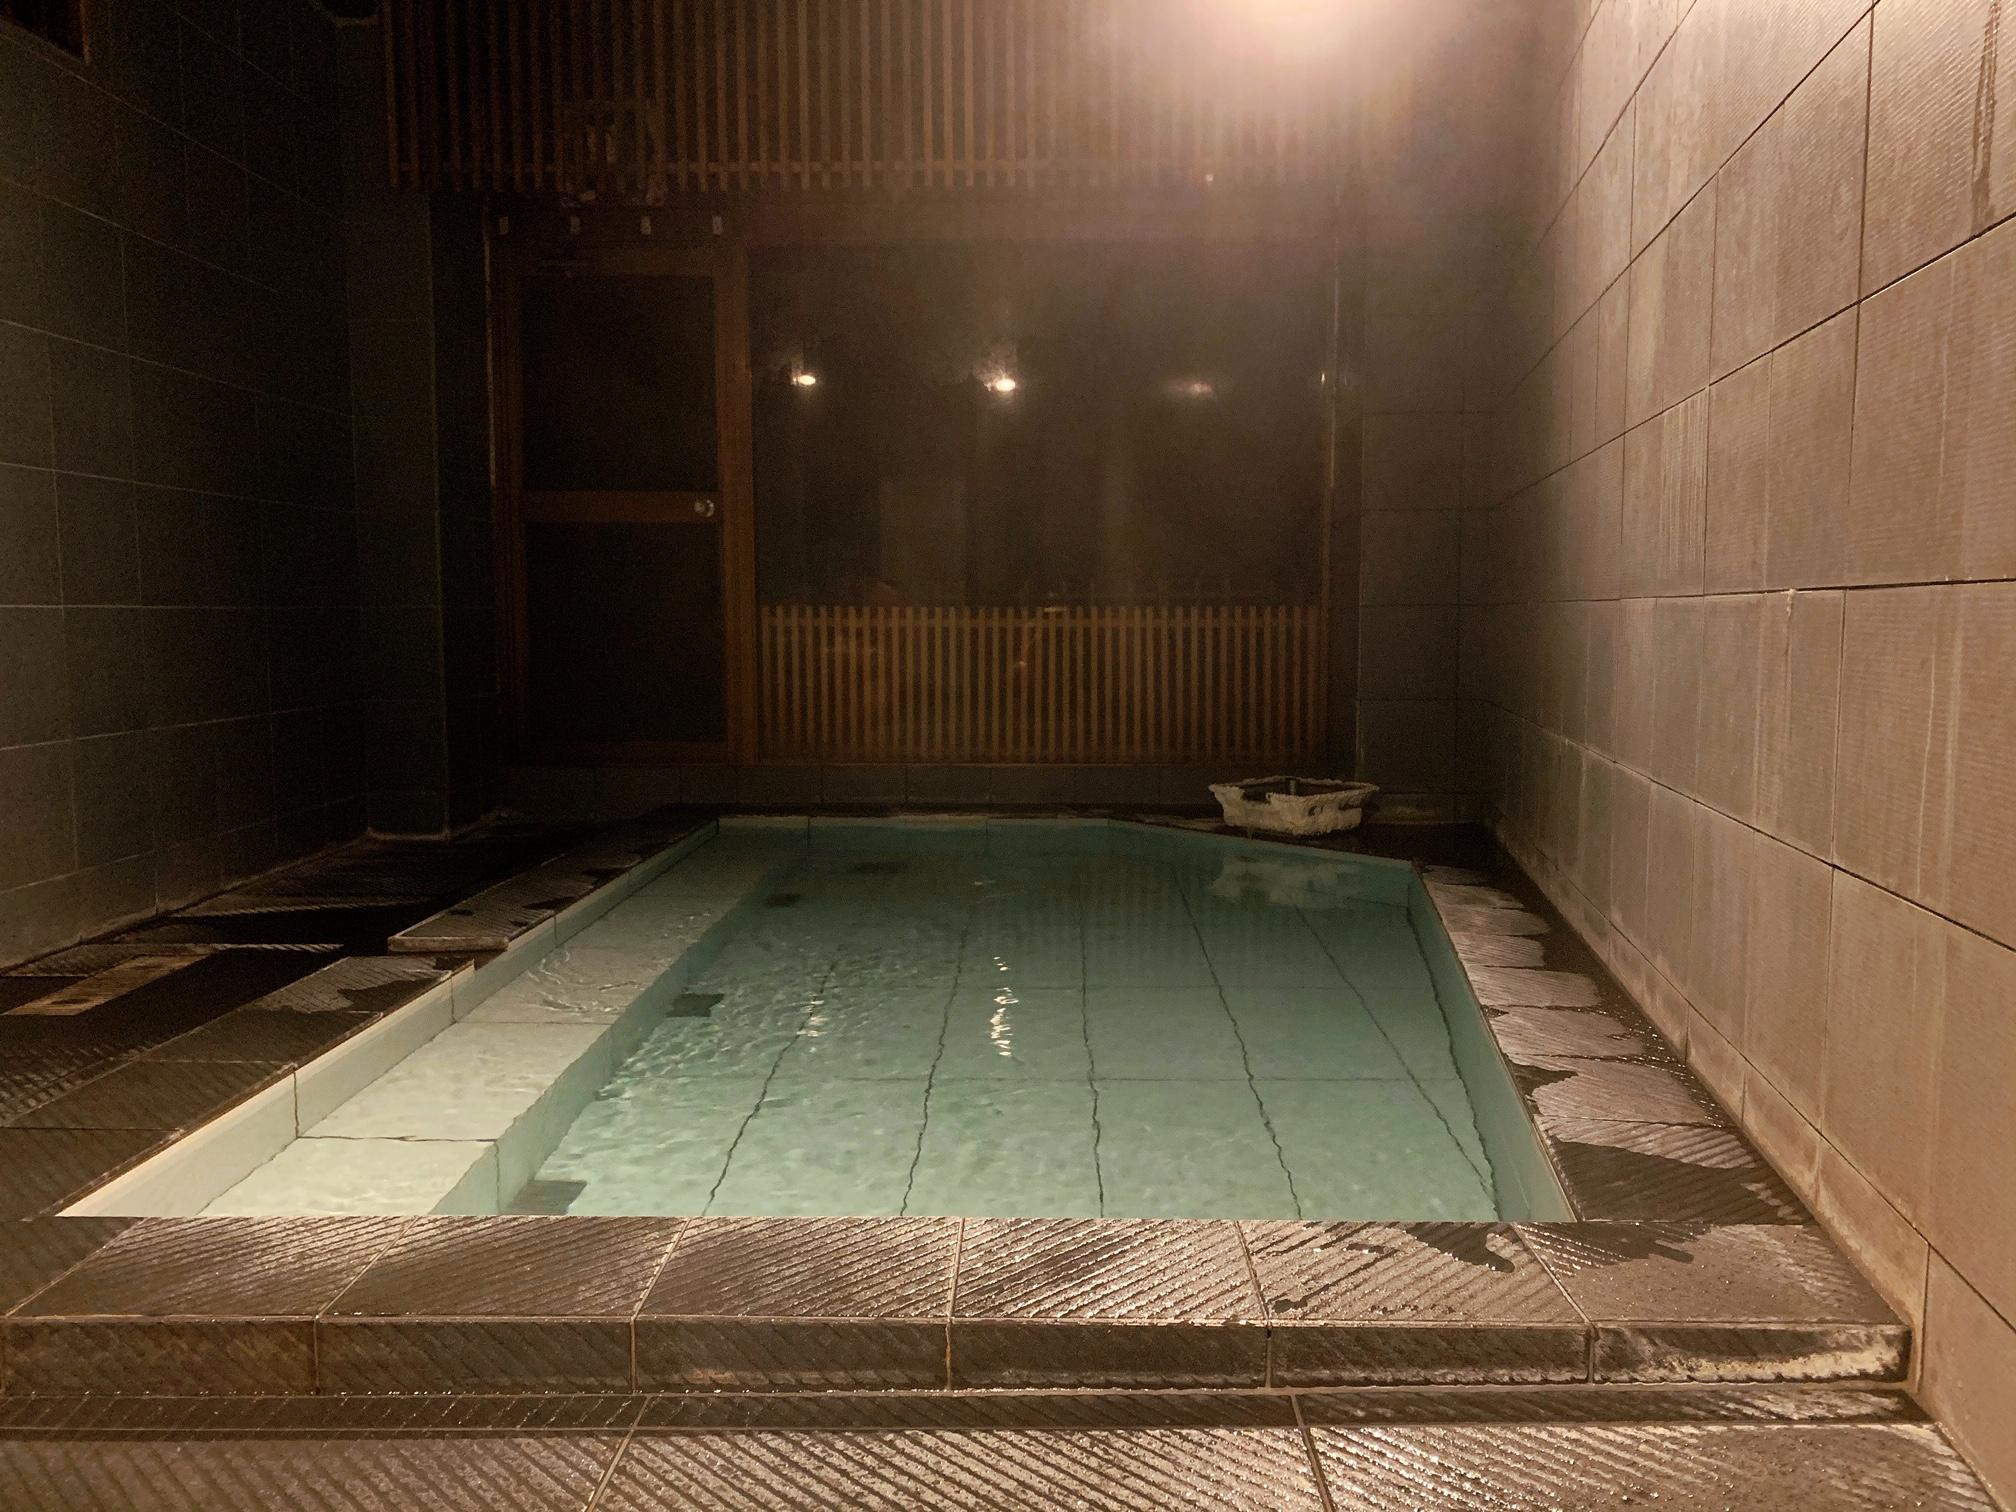 【癒し宿】貸切温泉からもお部屋からも《川のせせらぎ》が聴こえて落ち着いて過ごせる宿♡_11